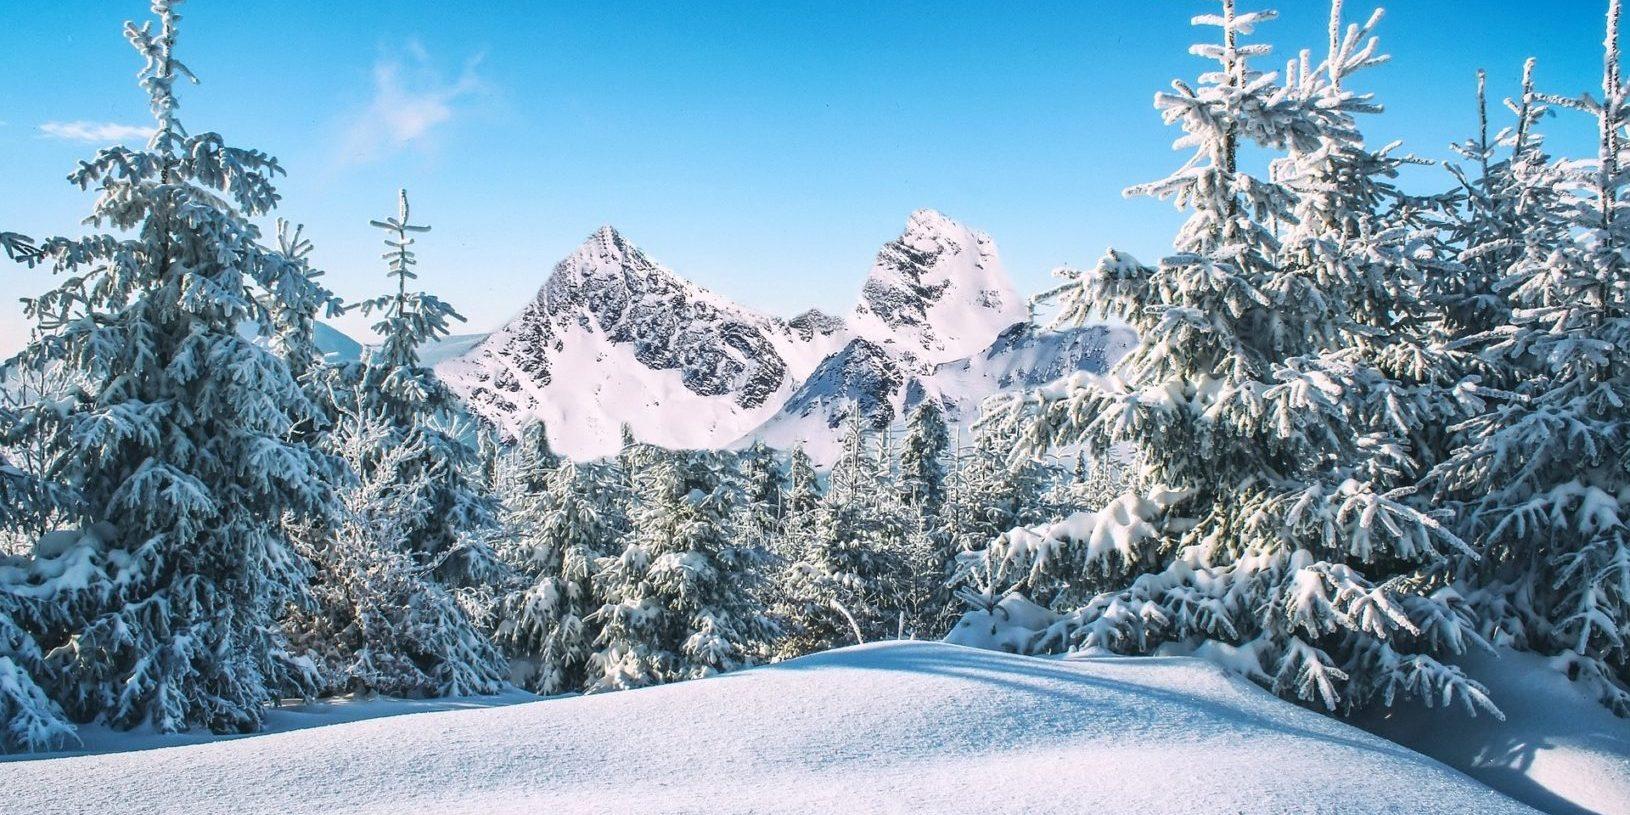 Besneeuwde bomen bergen